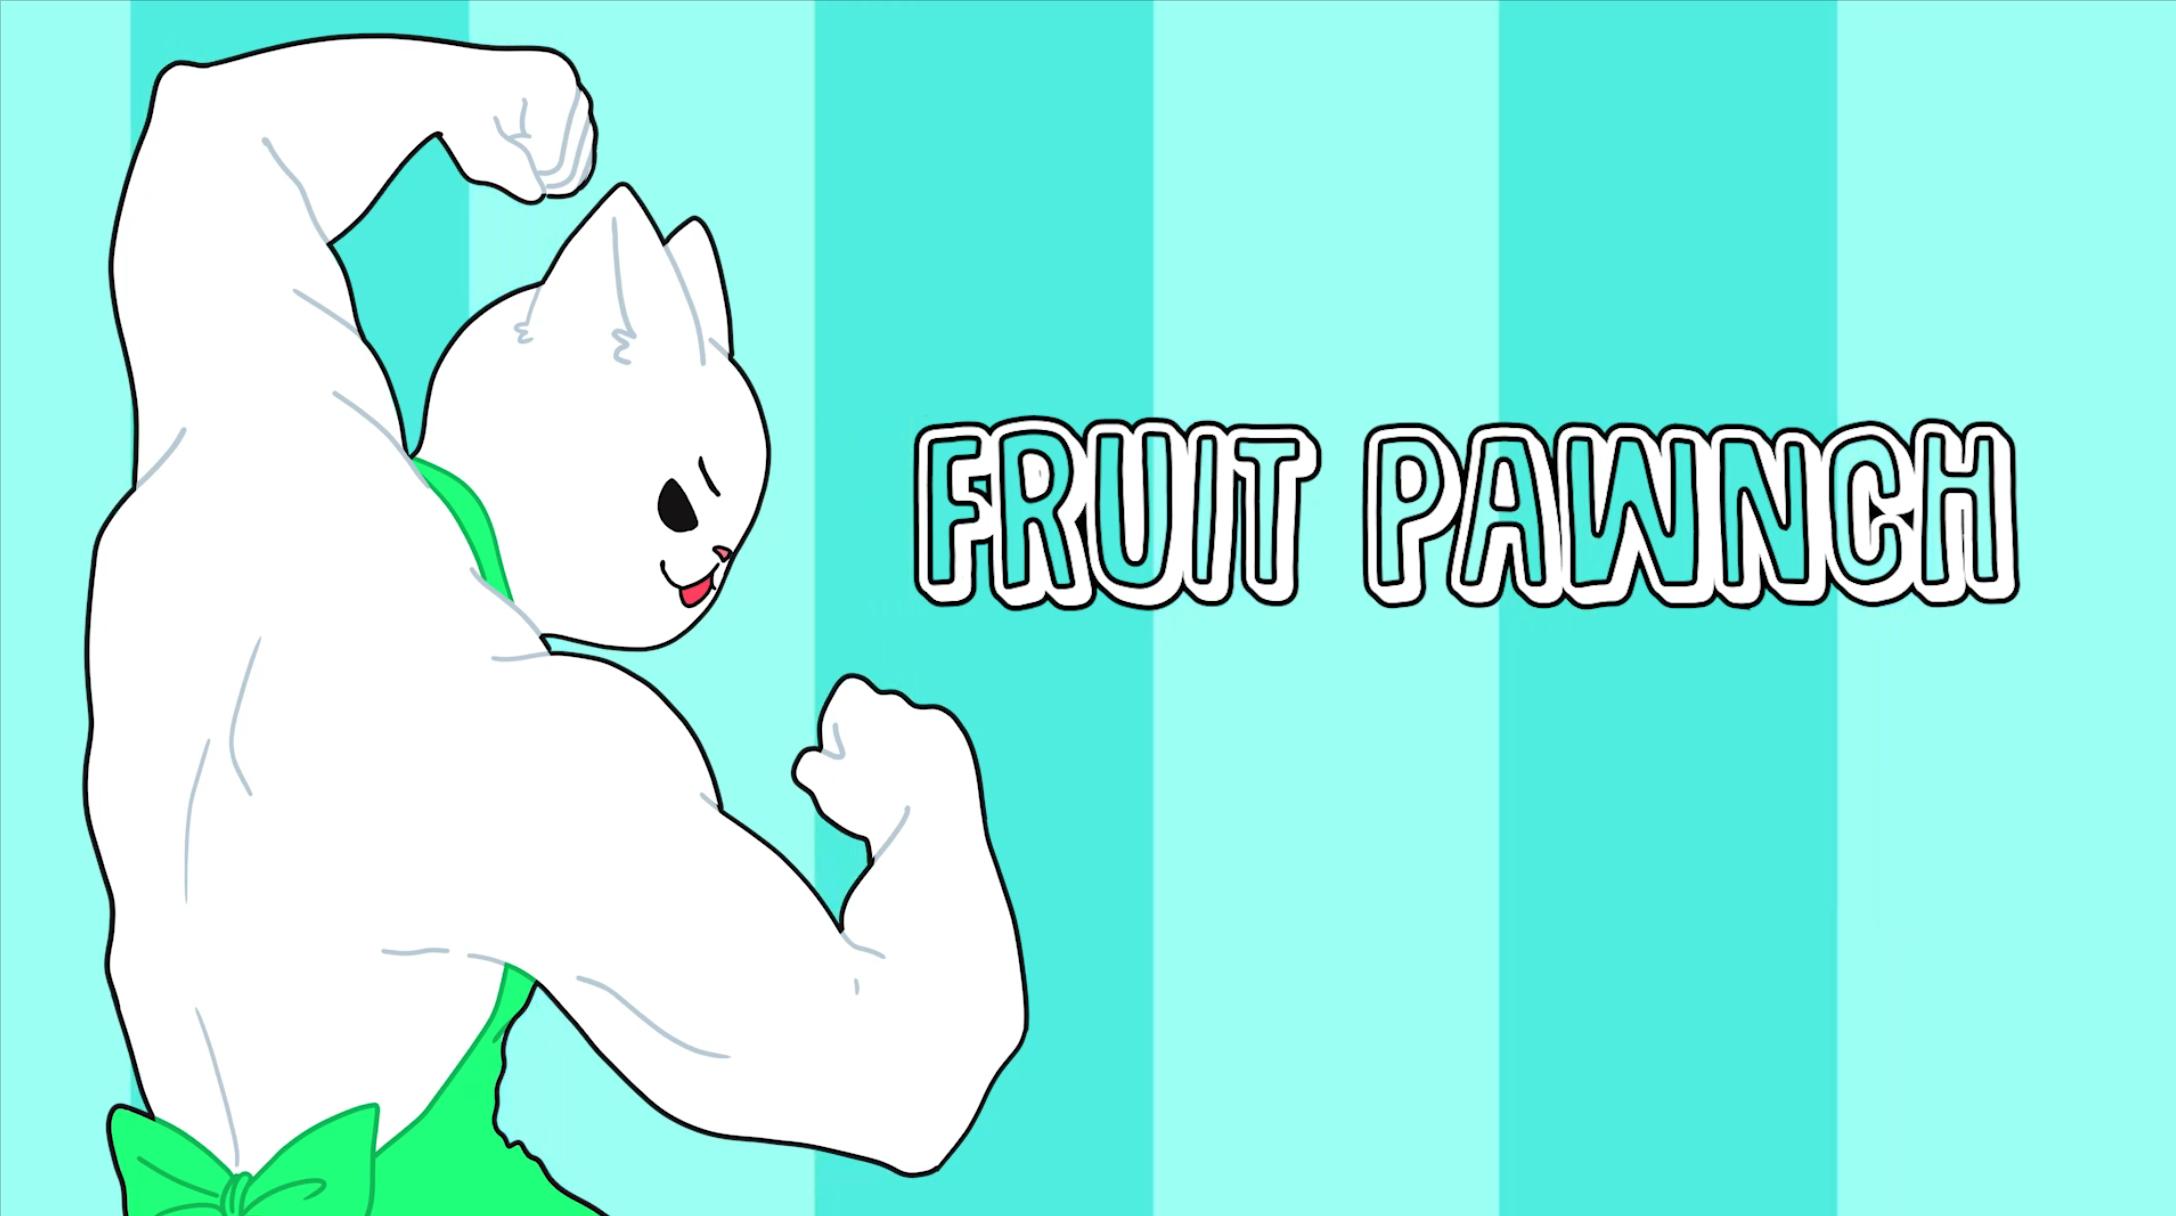 Fruit Pawnch